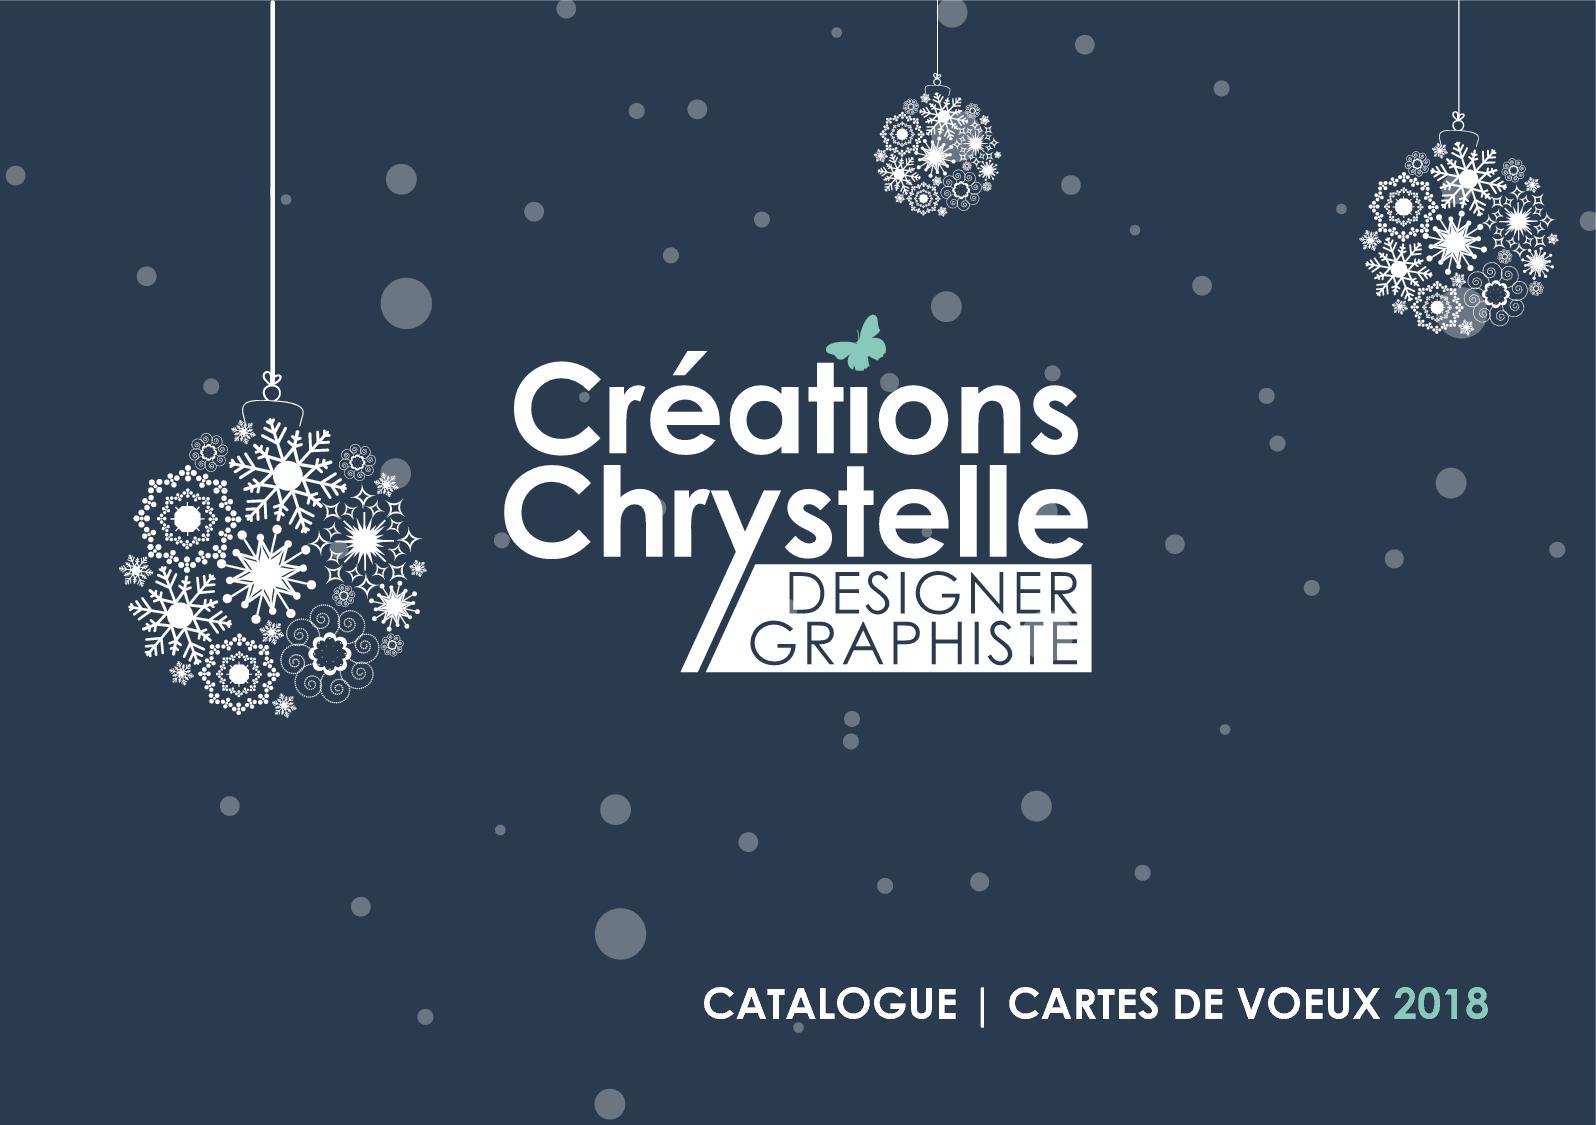 Créations Chrystelle Catalogue Cartes De Voeux 2018